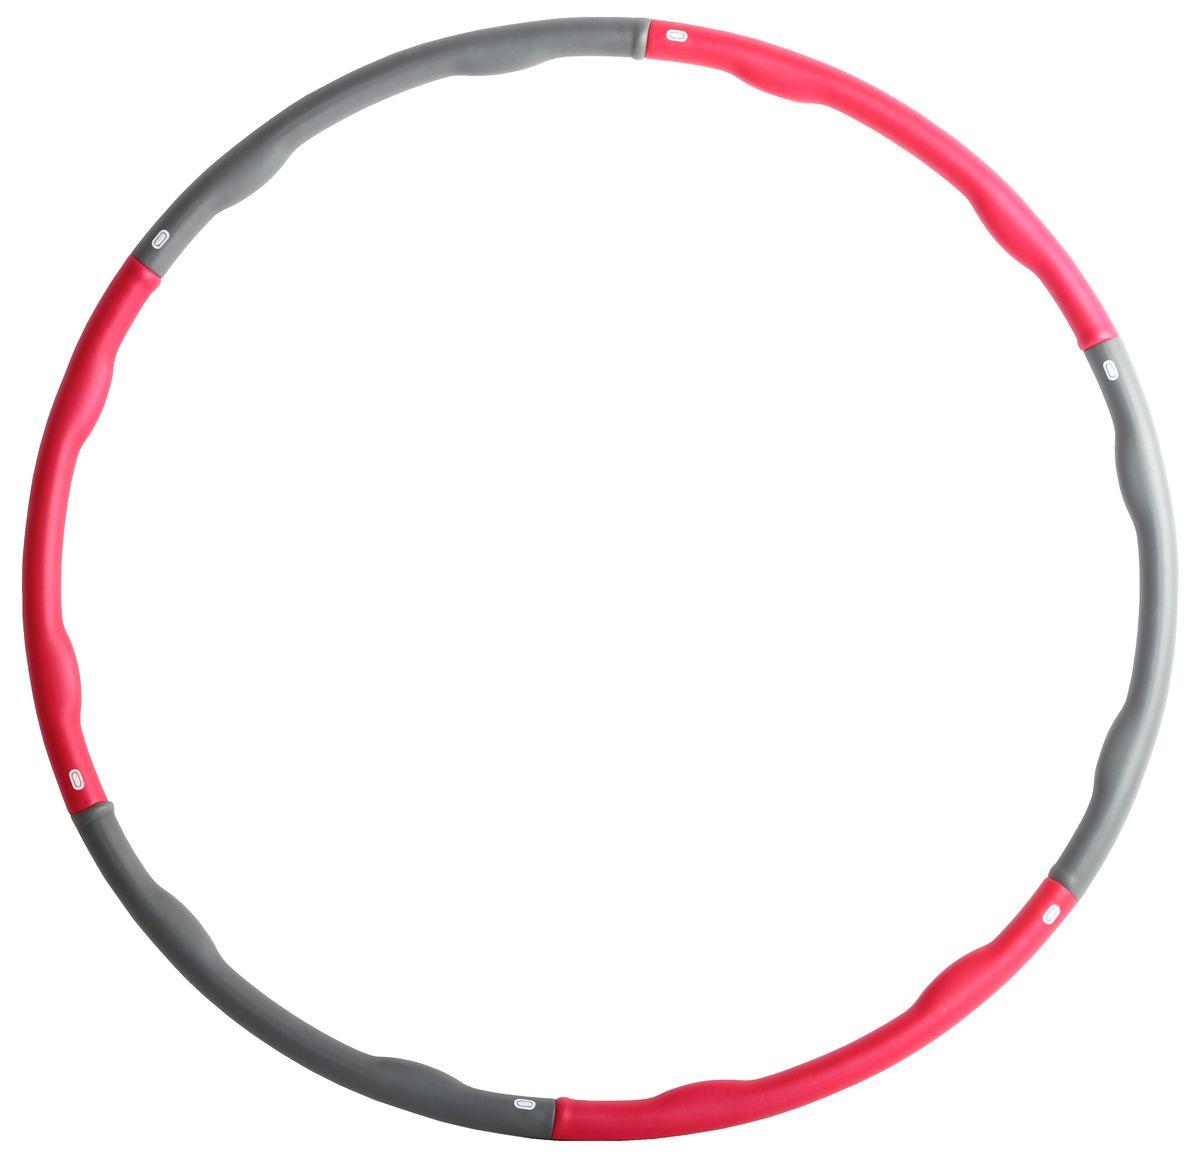 Обруч массажный Alonsa, цвет: серый/фуксия, HP-81301HP-81301Обруч массажный Alonsa HP-81301. Обруч разборный, из 6 секций. Материал: полипропилен. Диаметр: 100 см. Вес: 1300 г.